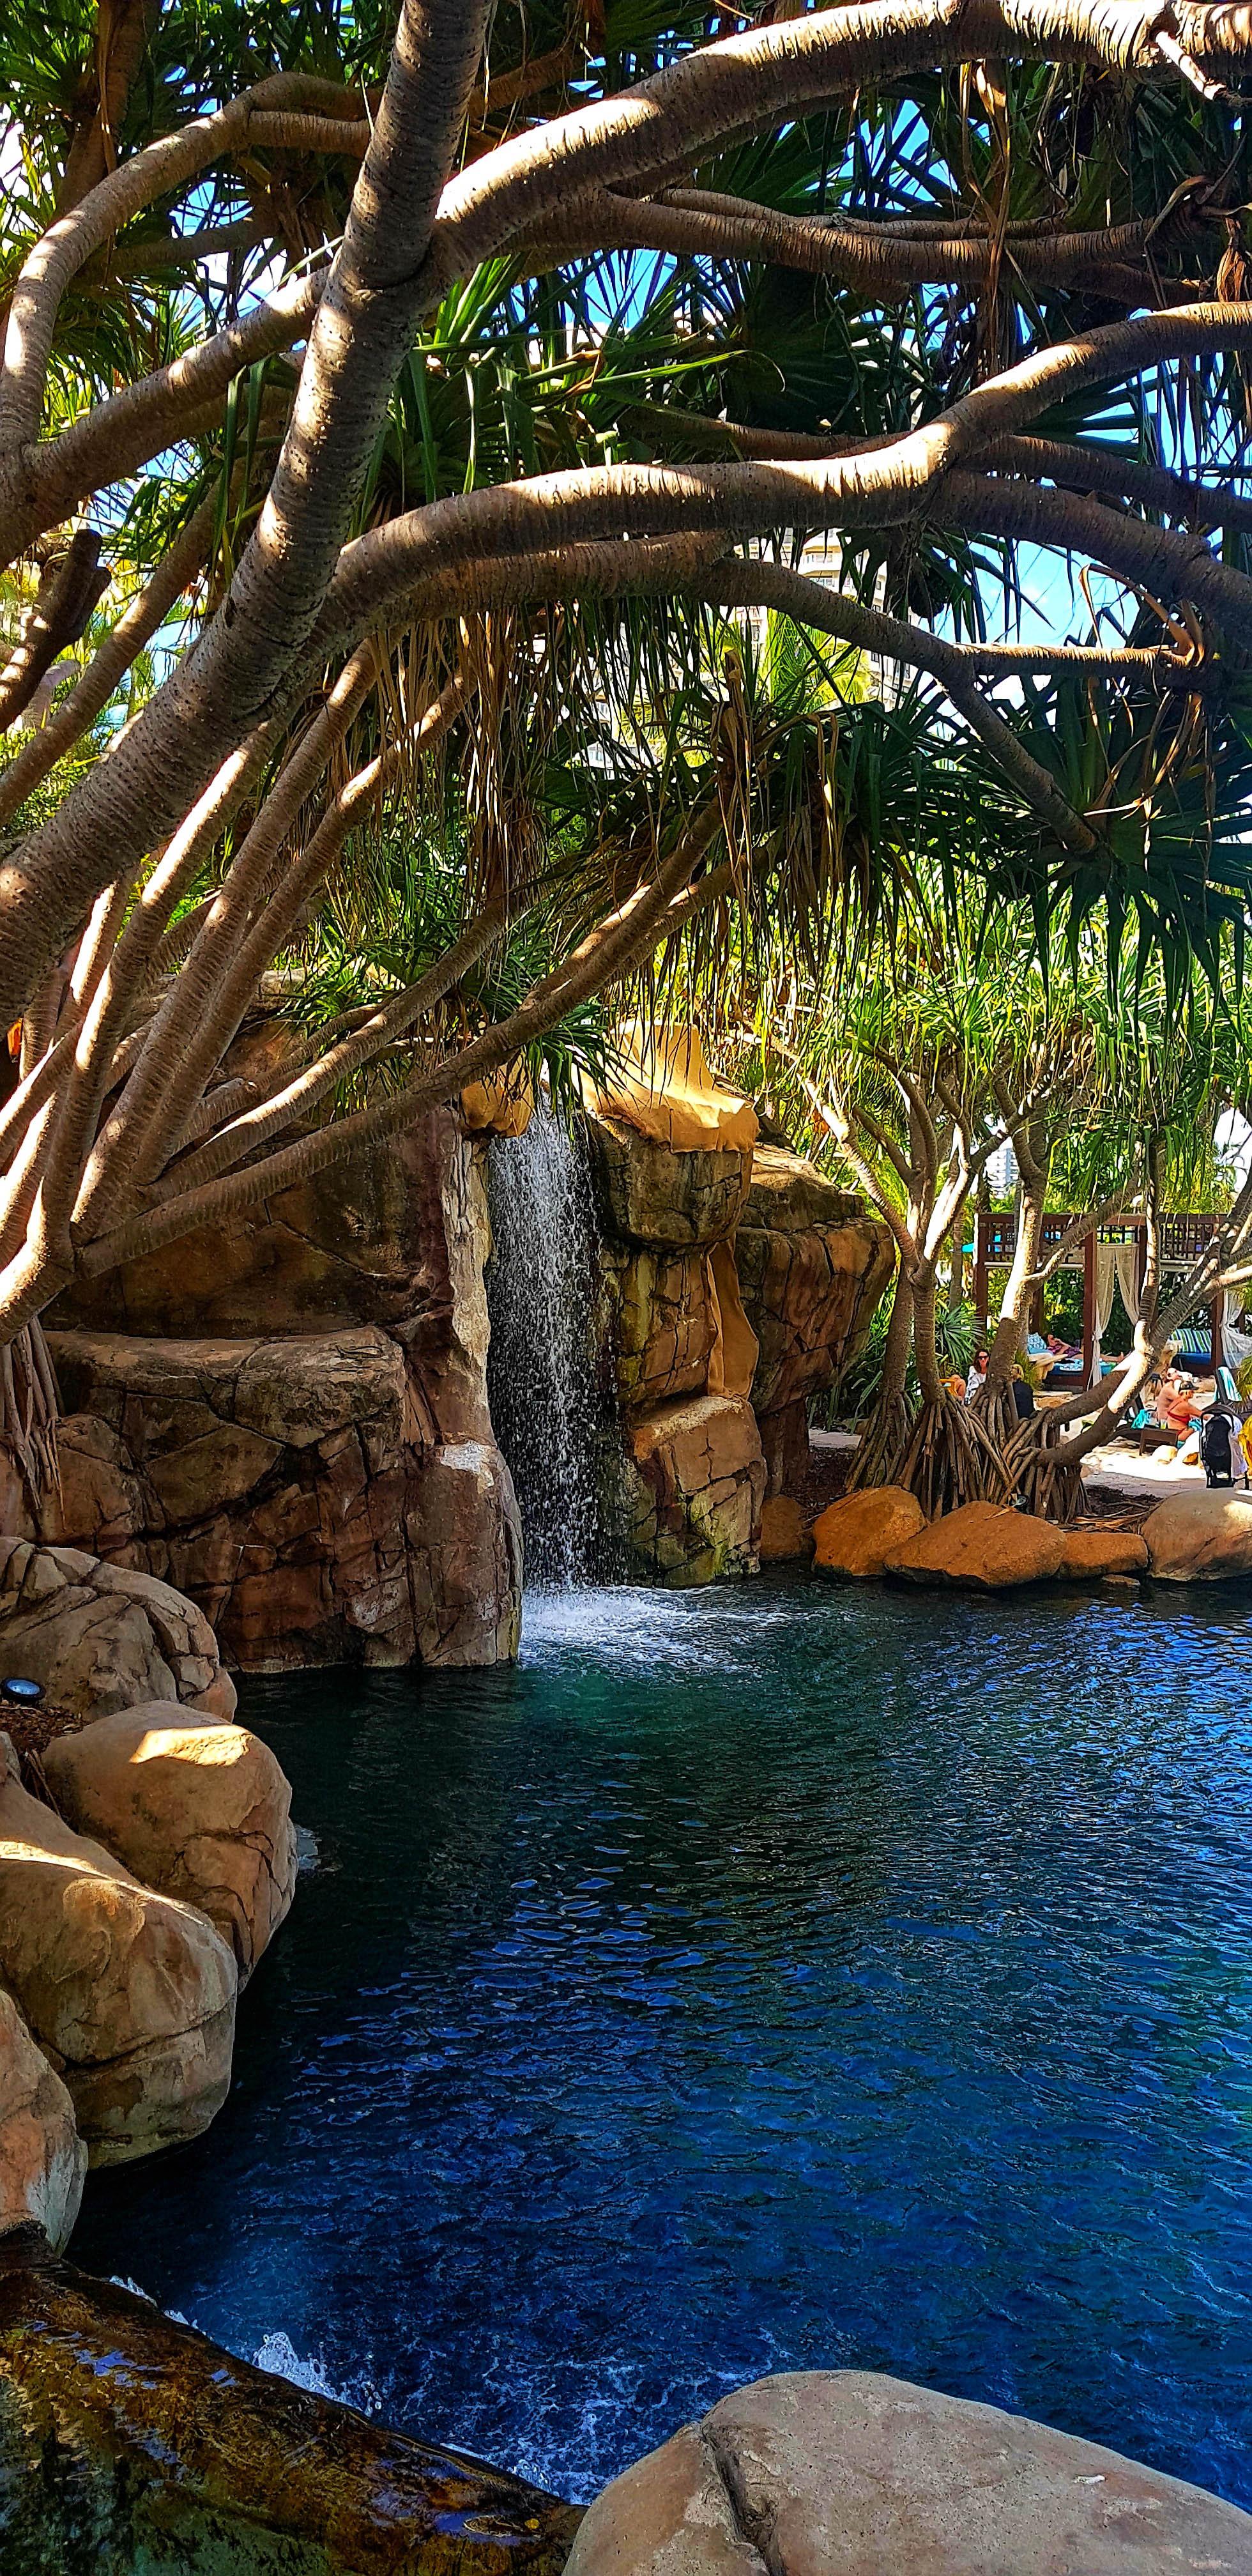 waterfalls in the lagoon